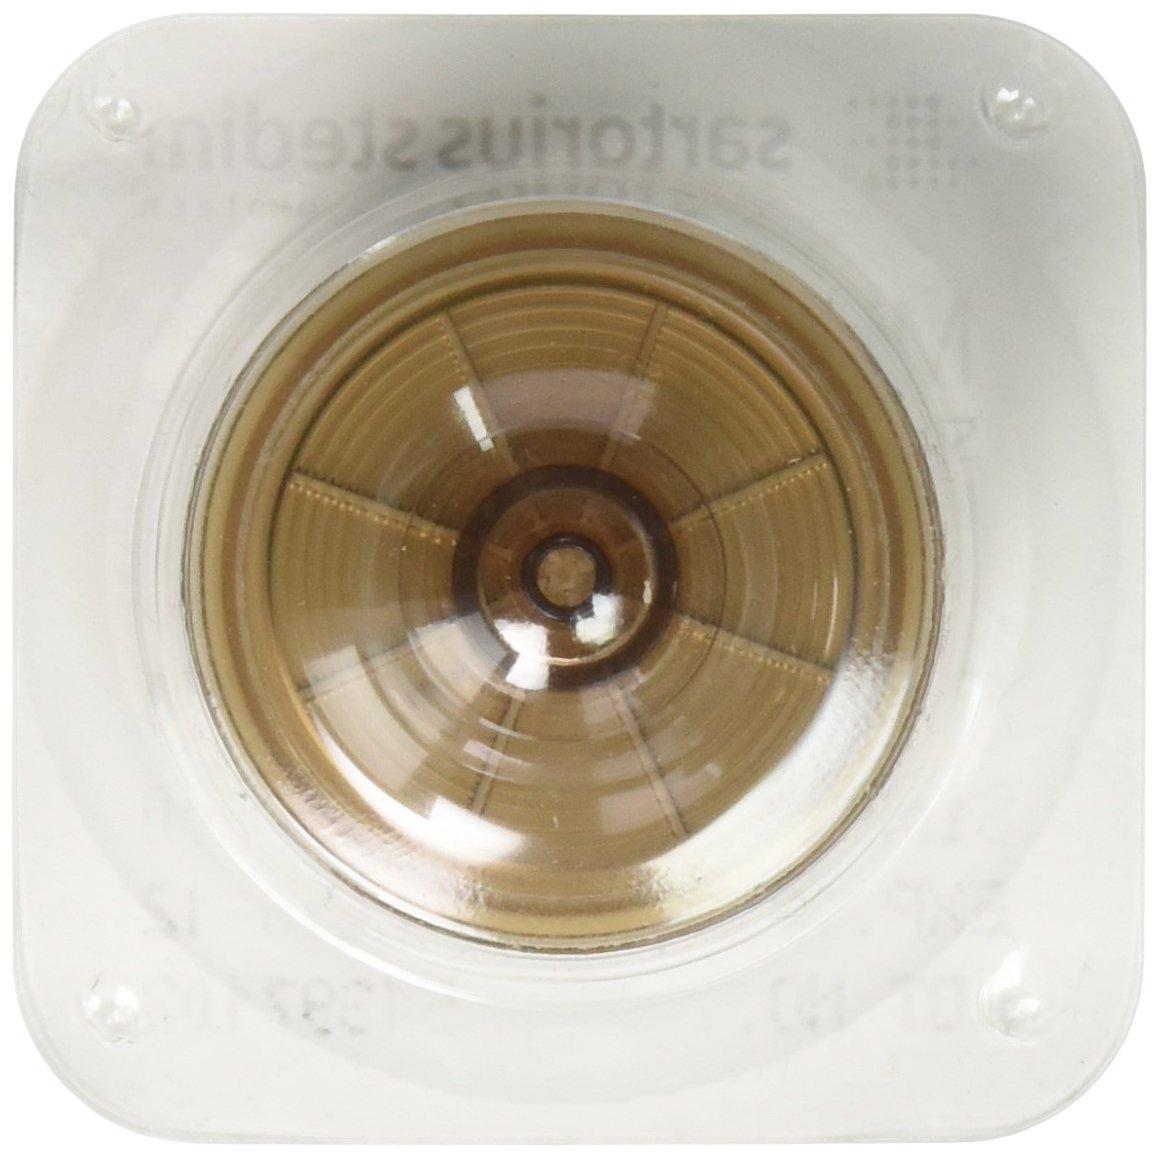 Sartorius 17594-K Minisart Filter 5.0 um Thomas Scientific 17594----K Sterile 28 mm Pack of 50 Cellulose Acetate